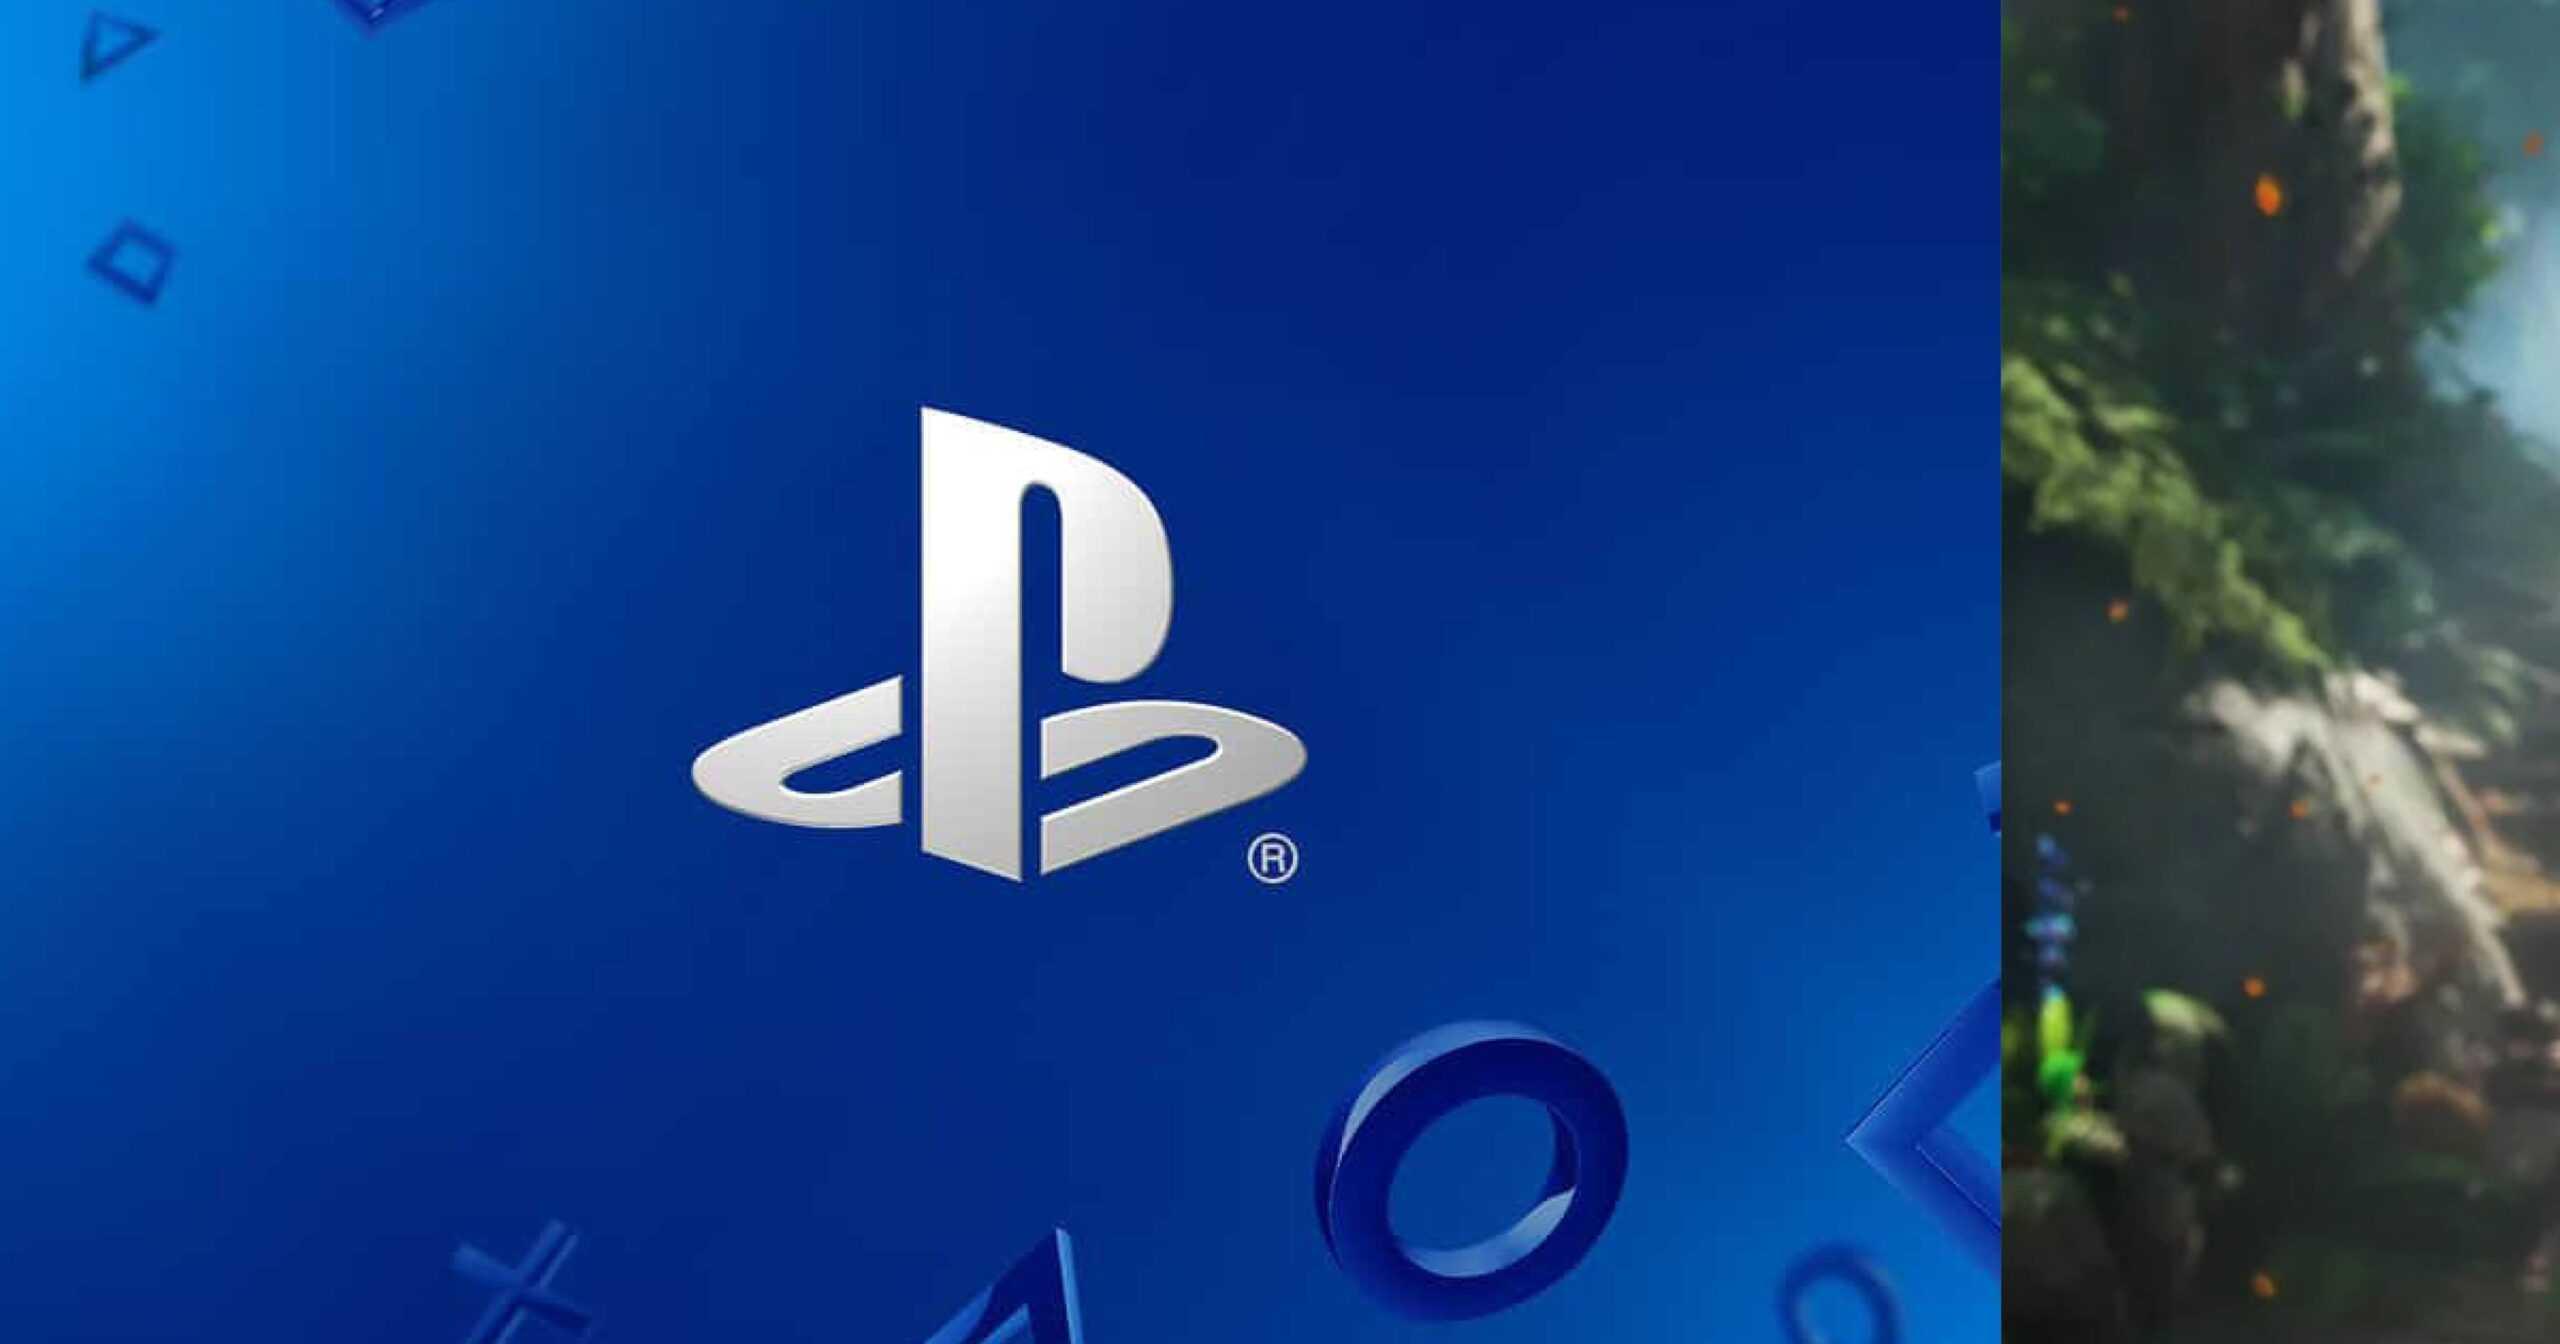 PlayStation 5: la exclusiva de consola más esperada pospuesta